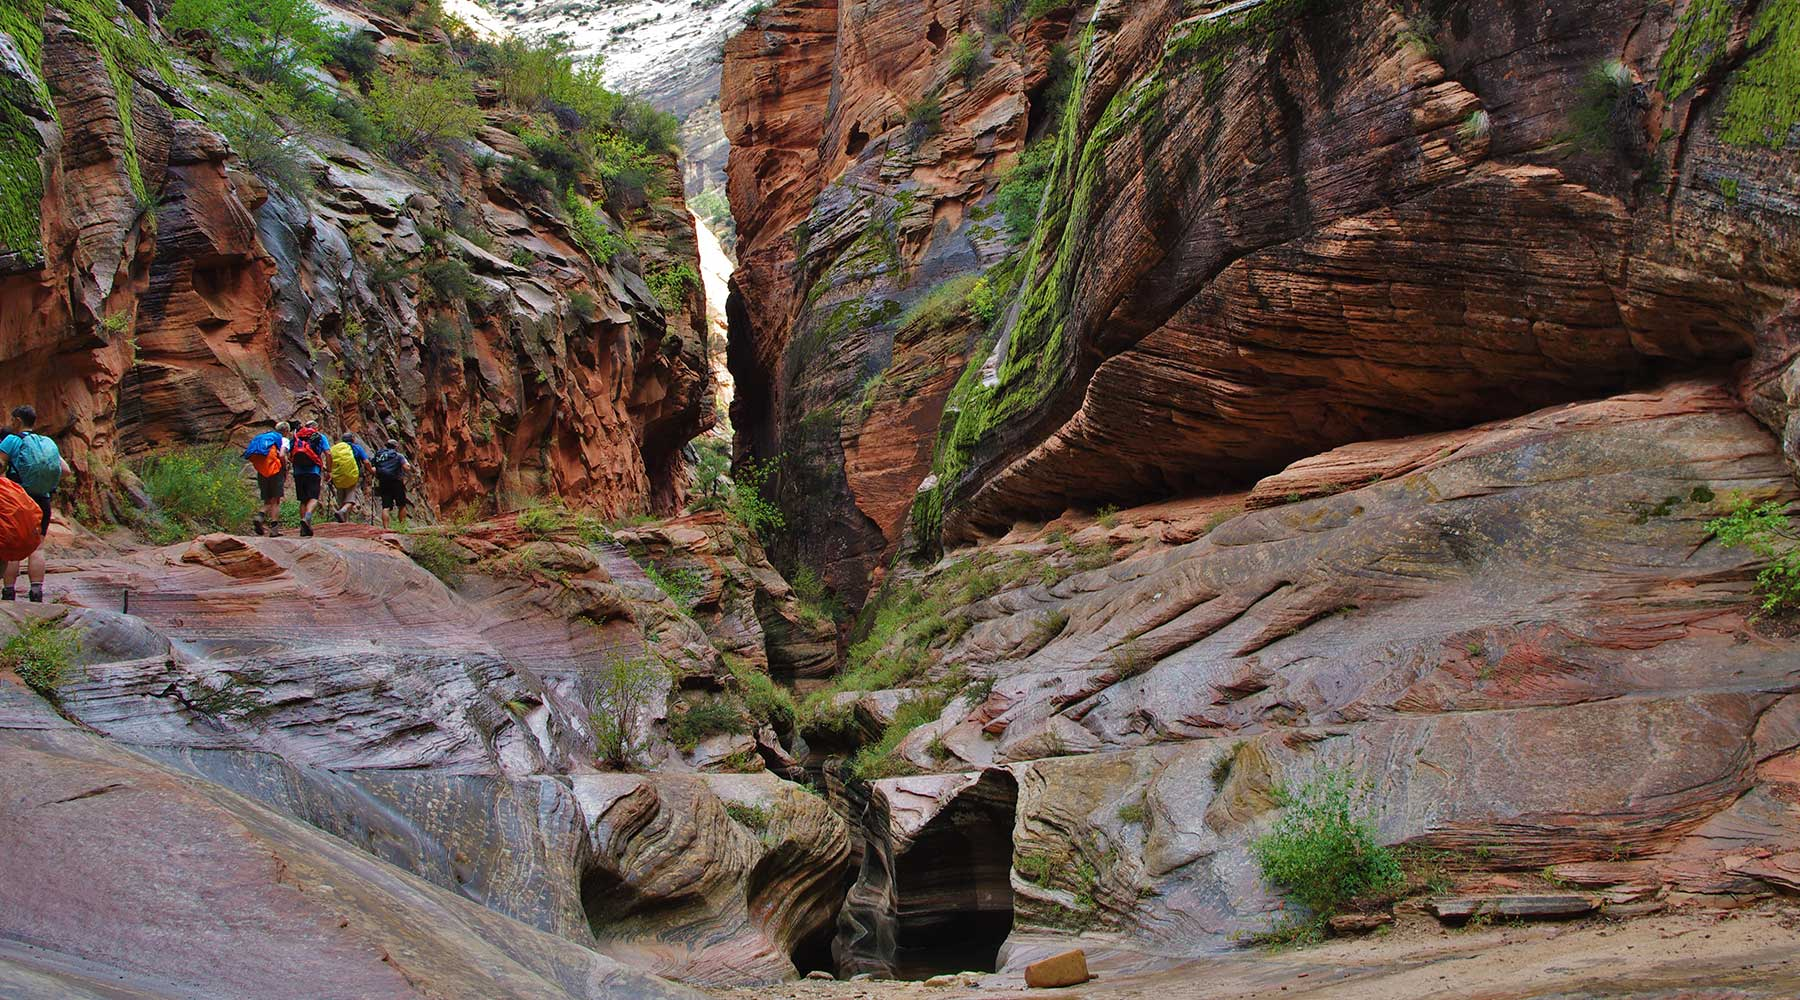 Grands parcs de l'ouest en hiver, zion, grand canyon, bryce canyon, monument vallée, monument valley, las vegas, chinook voyage, aventure, randonnée